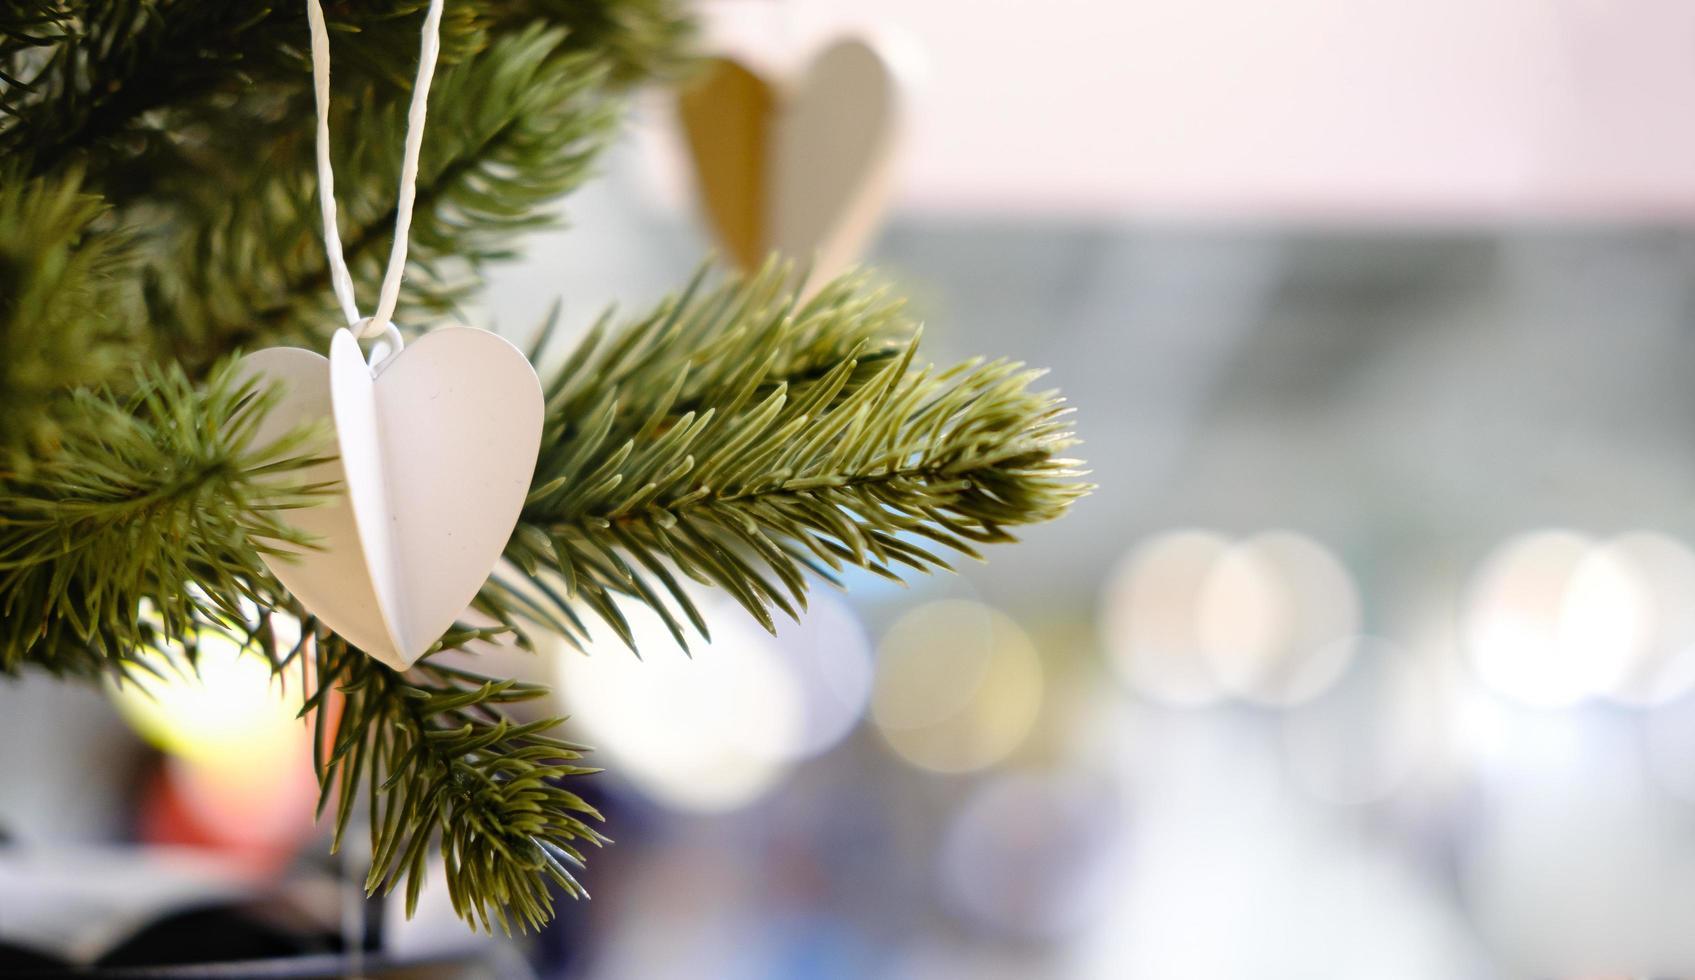 ornement en forme de coeur sur arbre photo